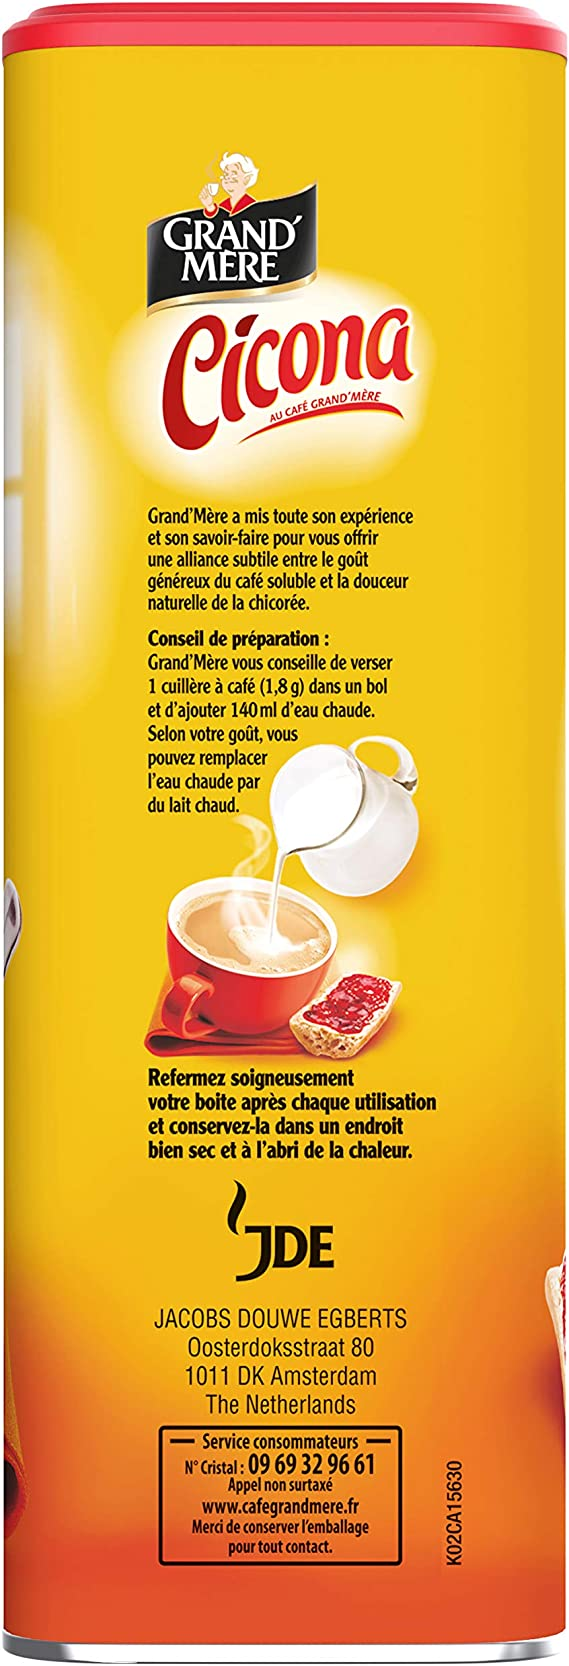 Grand Mère Chicorée Coffee Cicona 250g from France: Amazon.es: Alimentación y bebidas